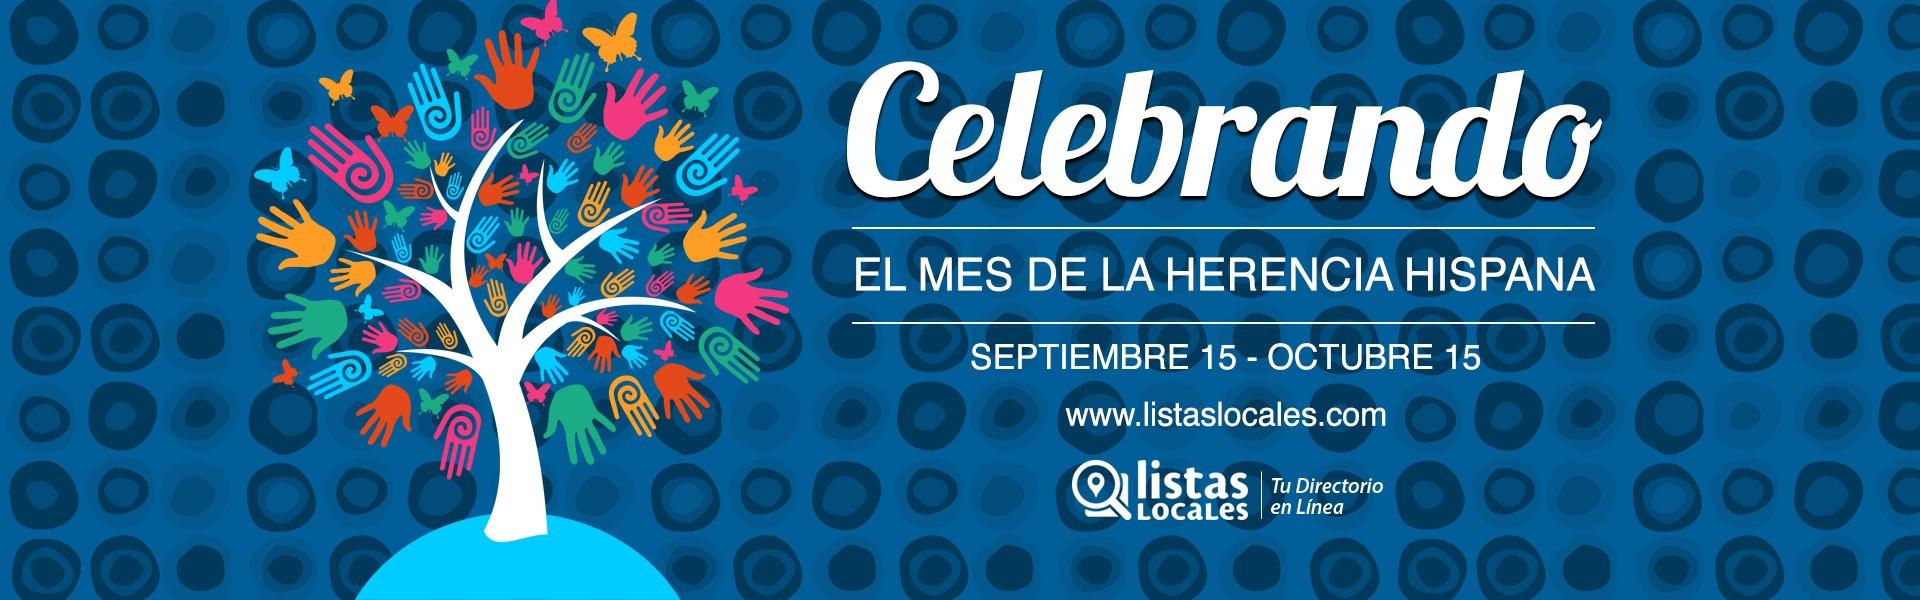 Celebrando La Herencia Hispana - 15 de Septiembre al 15 de Octubre | La Fiesta Continua | Listas Locales